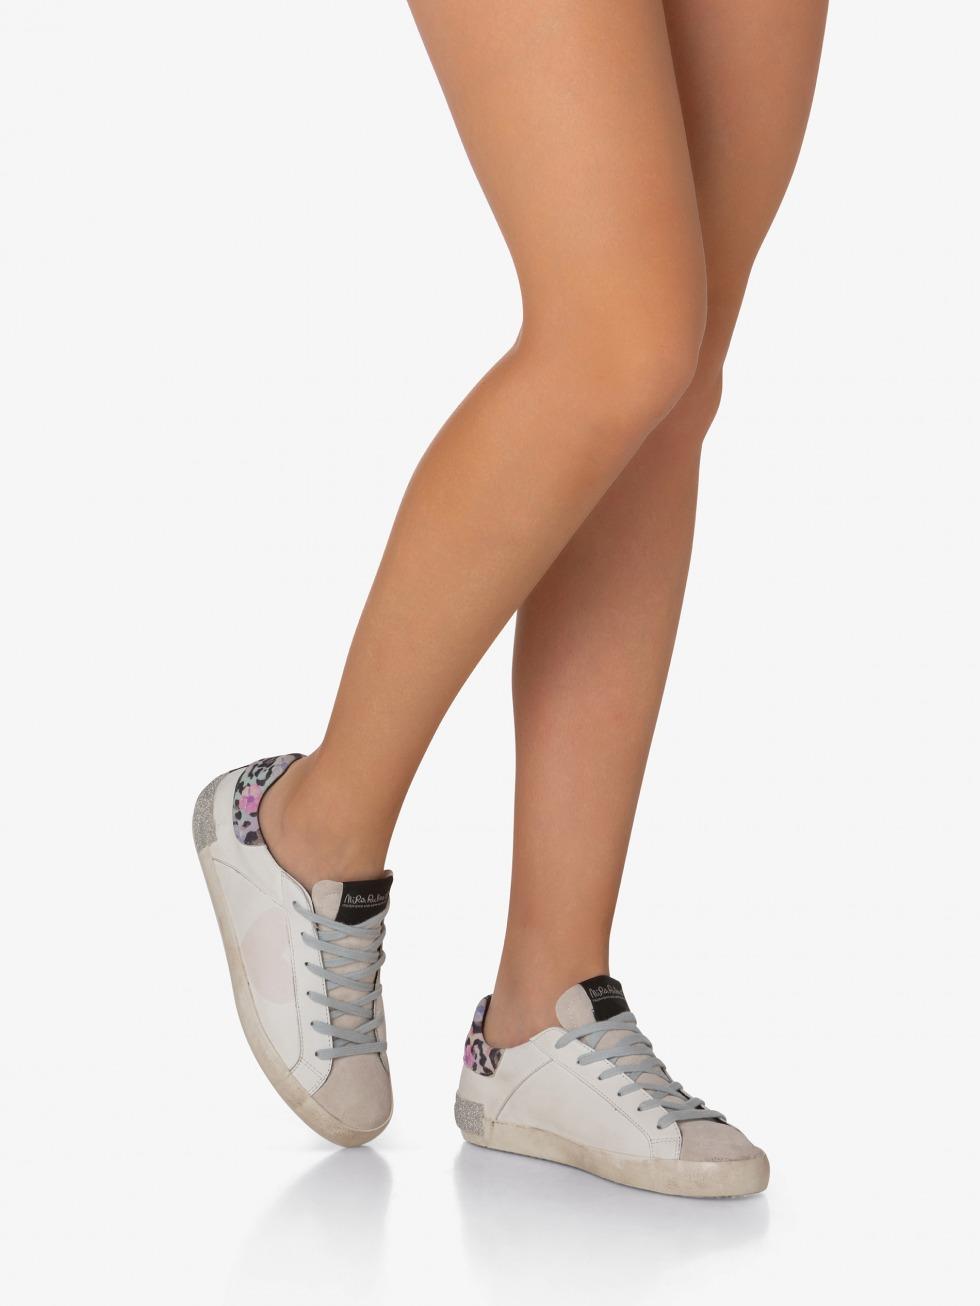 Ginger Ale Sneakers Fancy - Heart